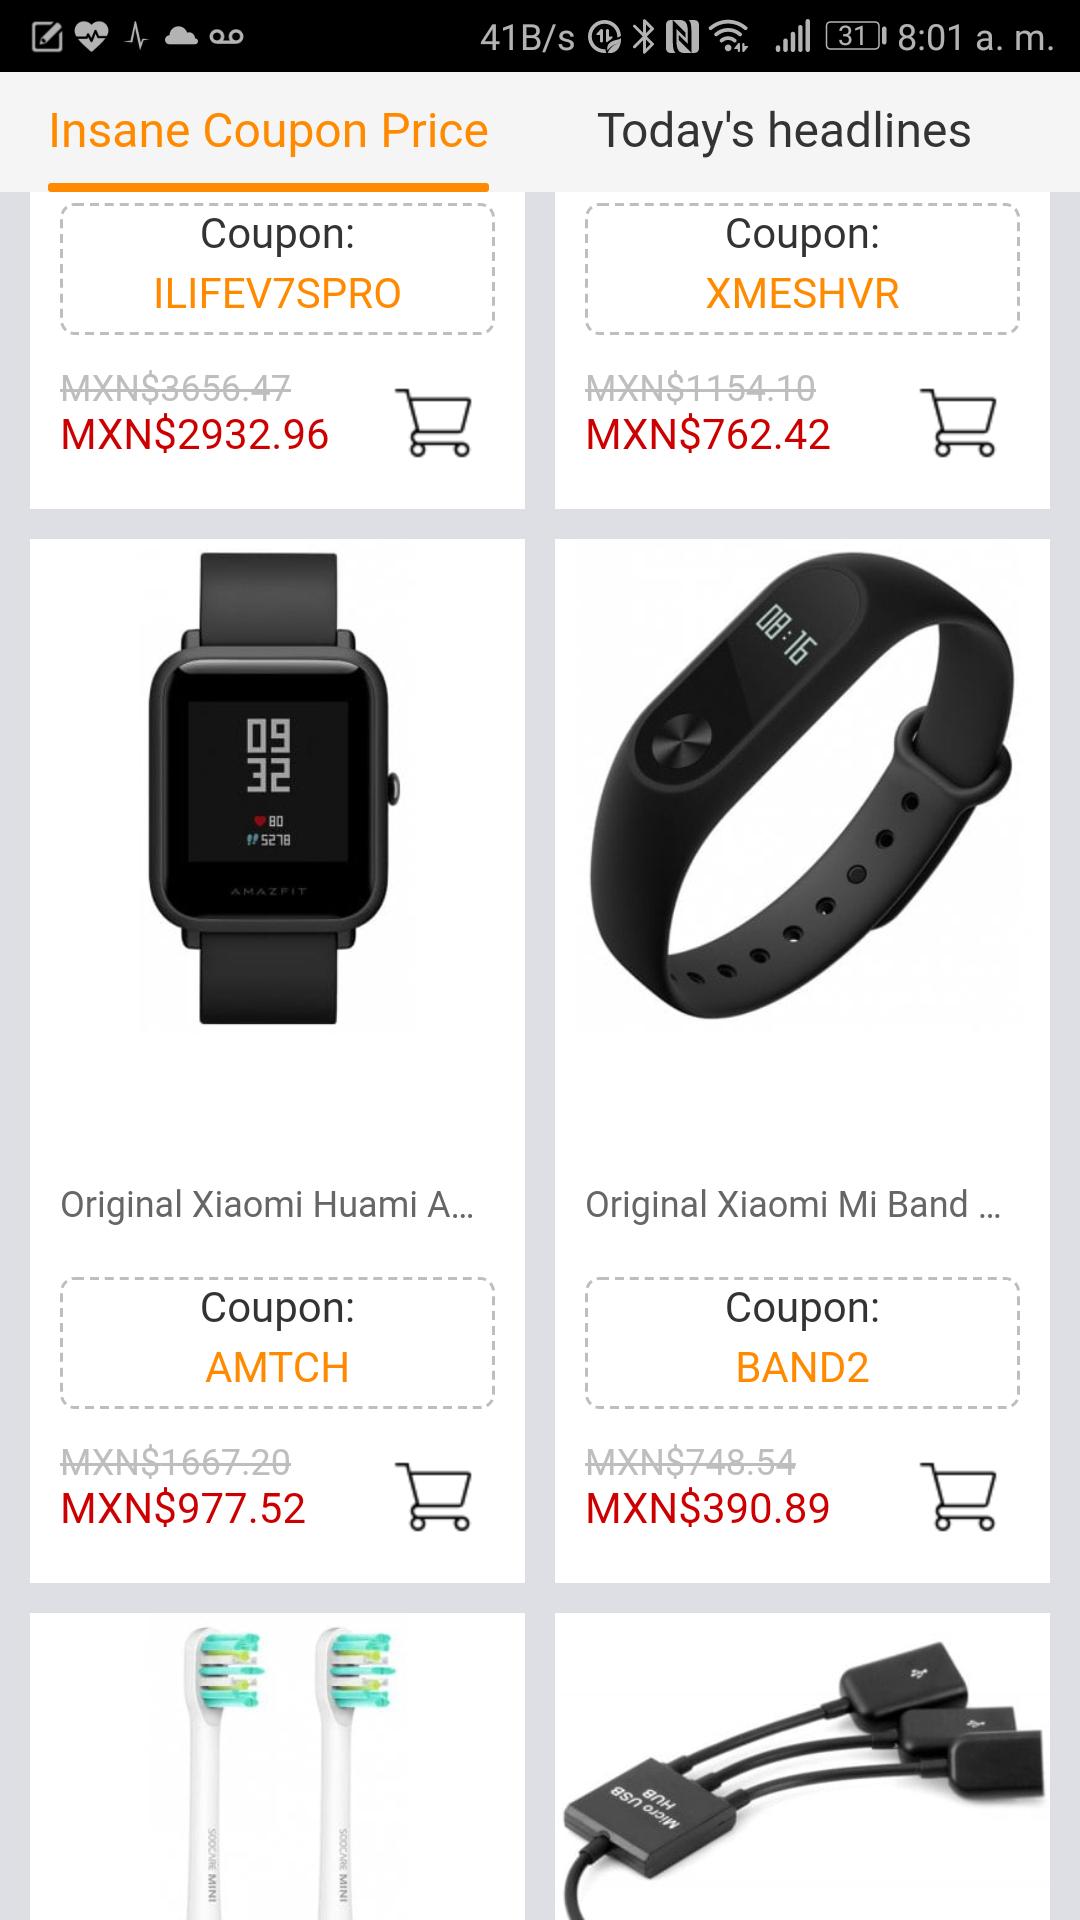 GearBest: Xiaomi Mi band 2. En $ 390.89